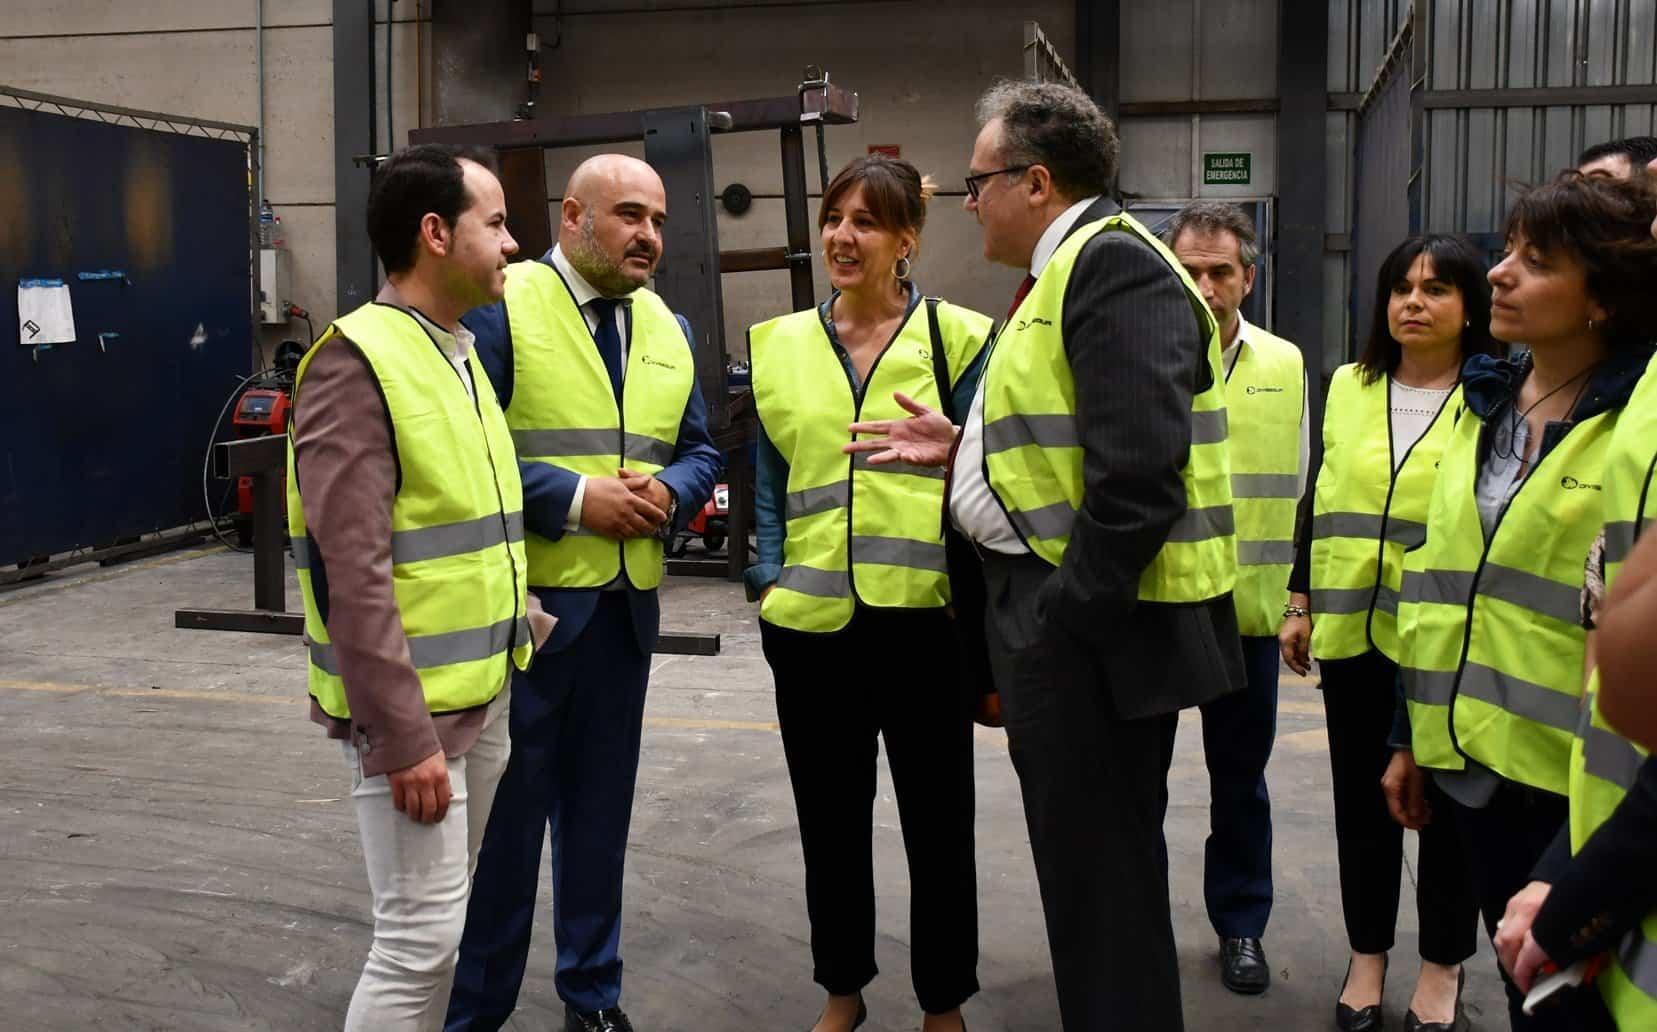 La diputada electa, Blanca Fernández y Sergio García-Navas visitan Divisegur 5